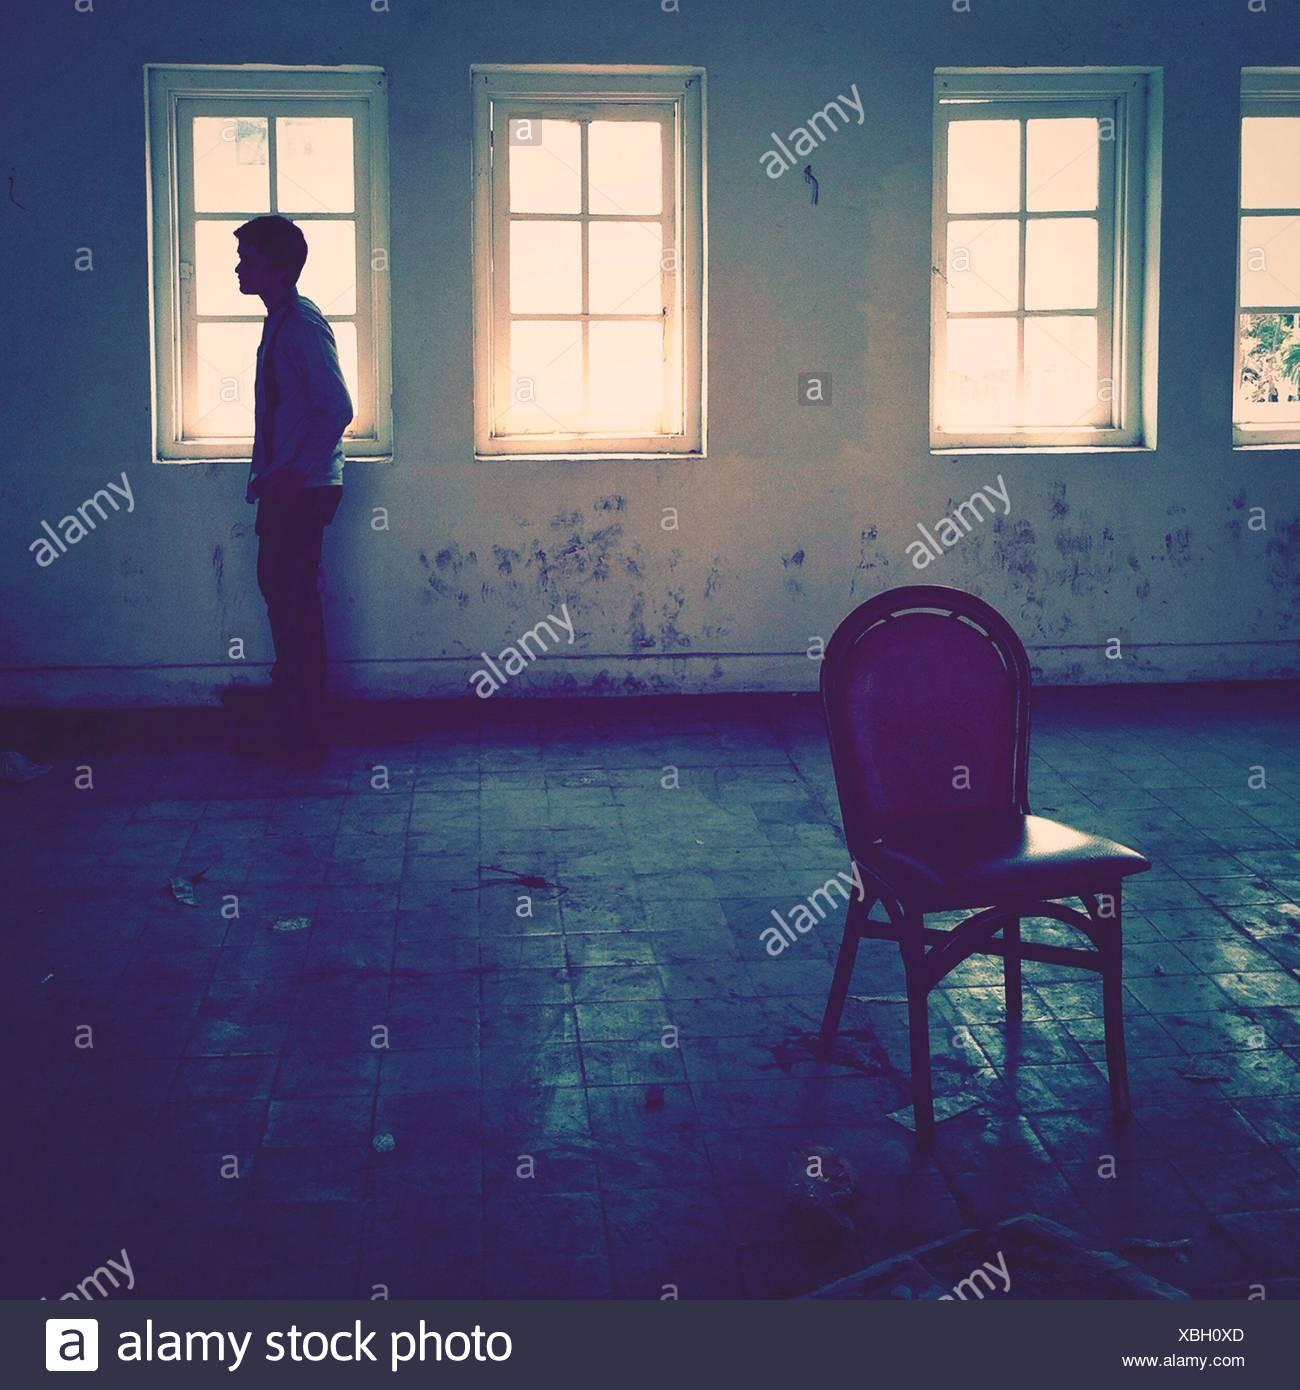 Vista lateral de un hombre de pie en una habitación vacía Imagen De Stock